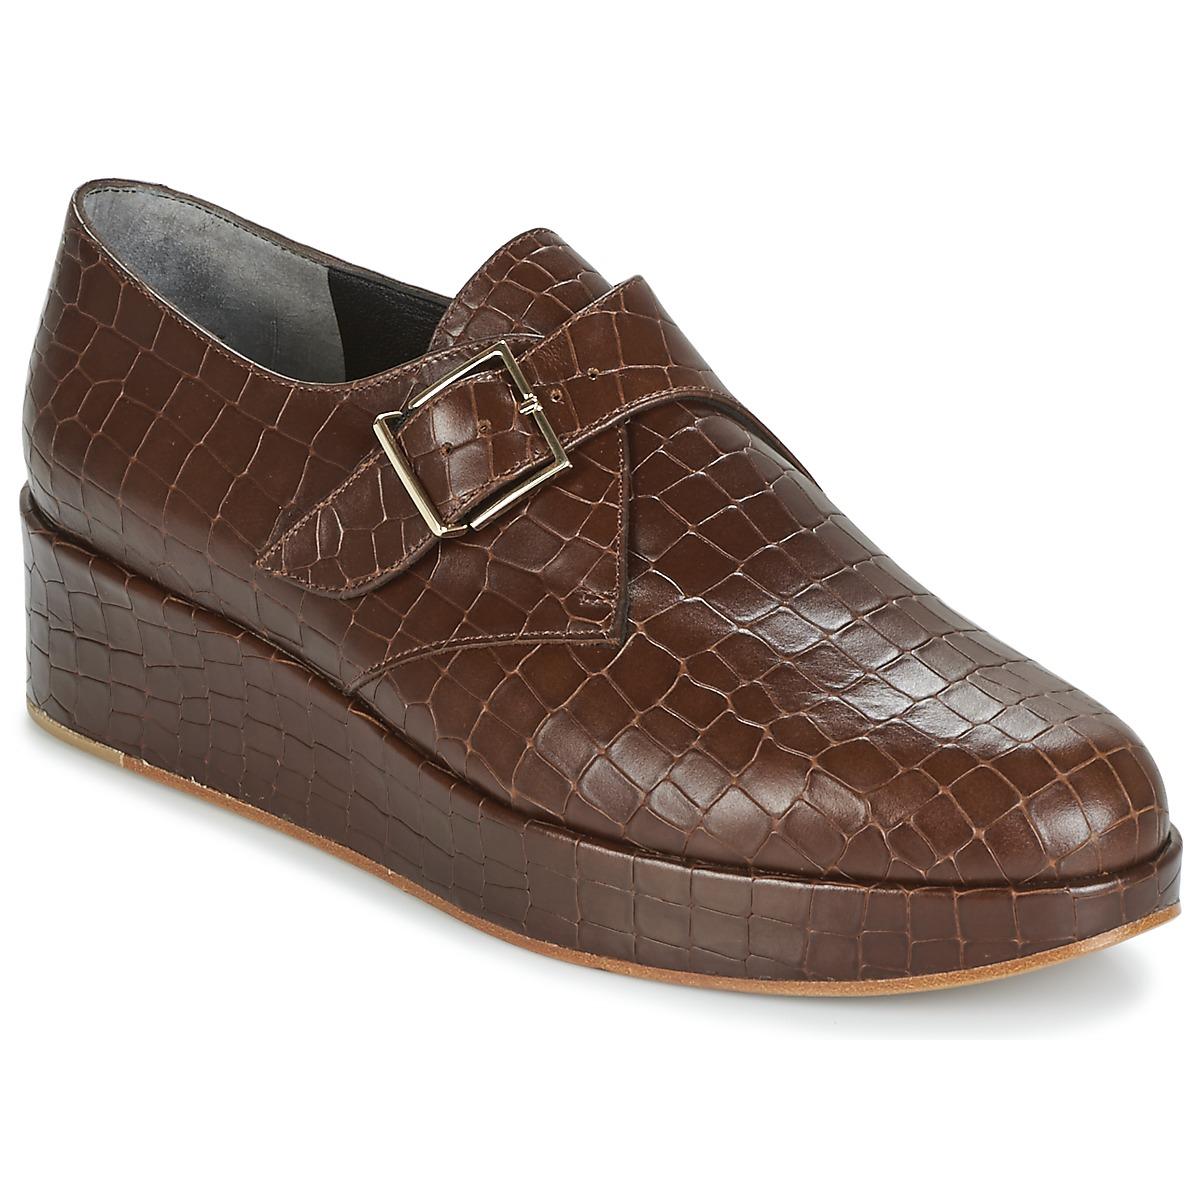 Robert Clergerie NONKA-VCOCCO-CHOCOLAT Braun - Kostenloser Versand bei Spartoode ! - Schuhe Derby-Schuhe Damen 269,40 €